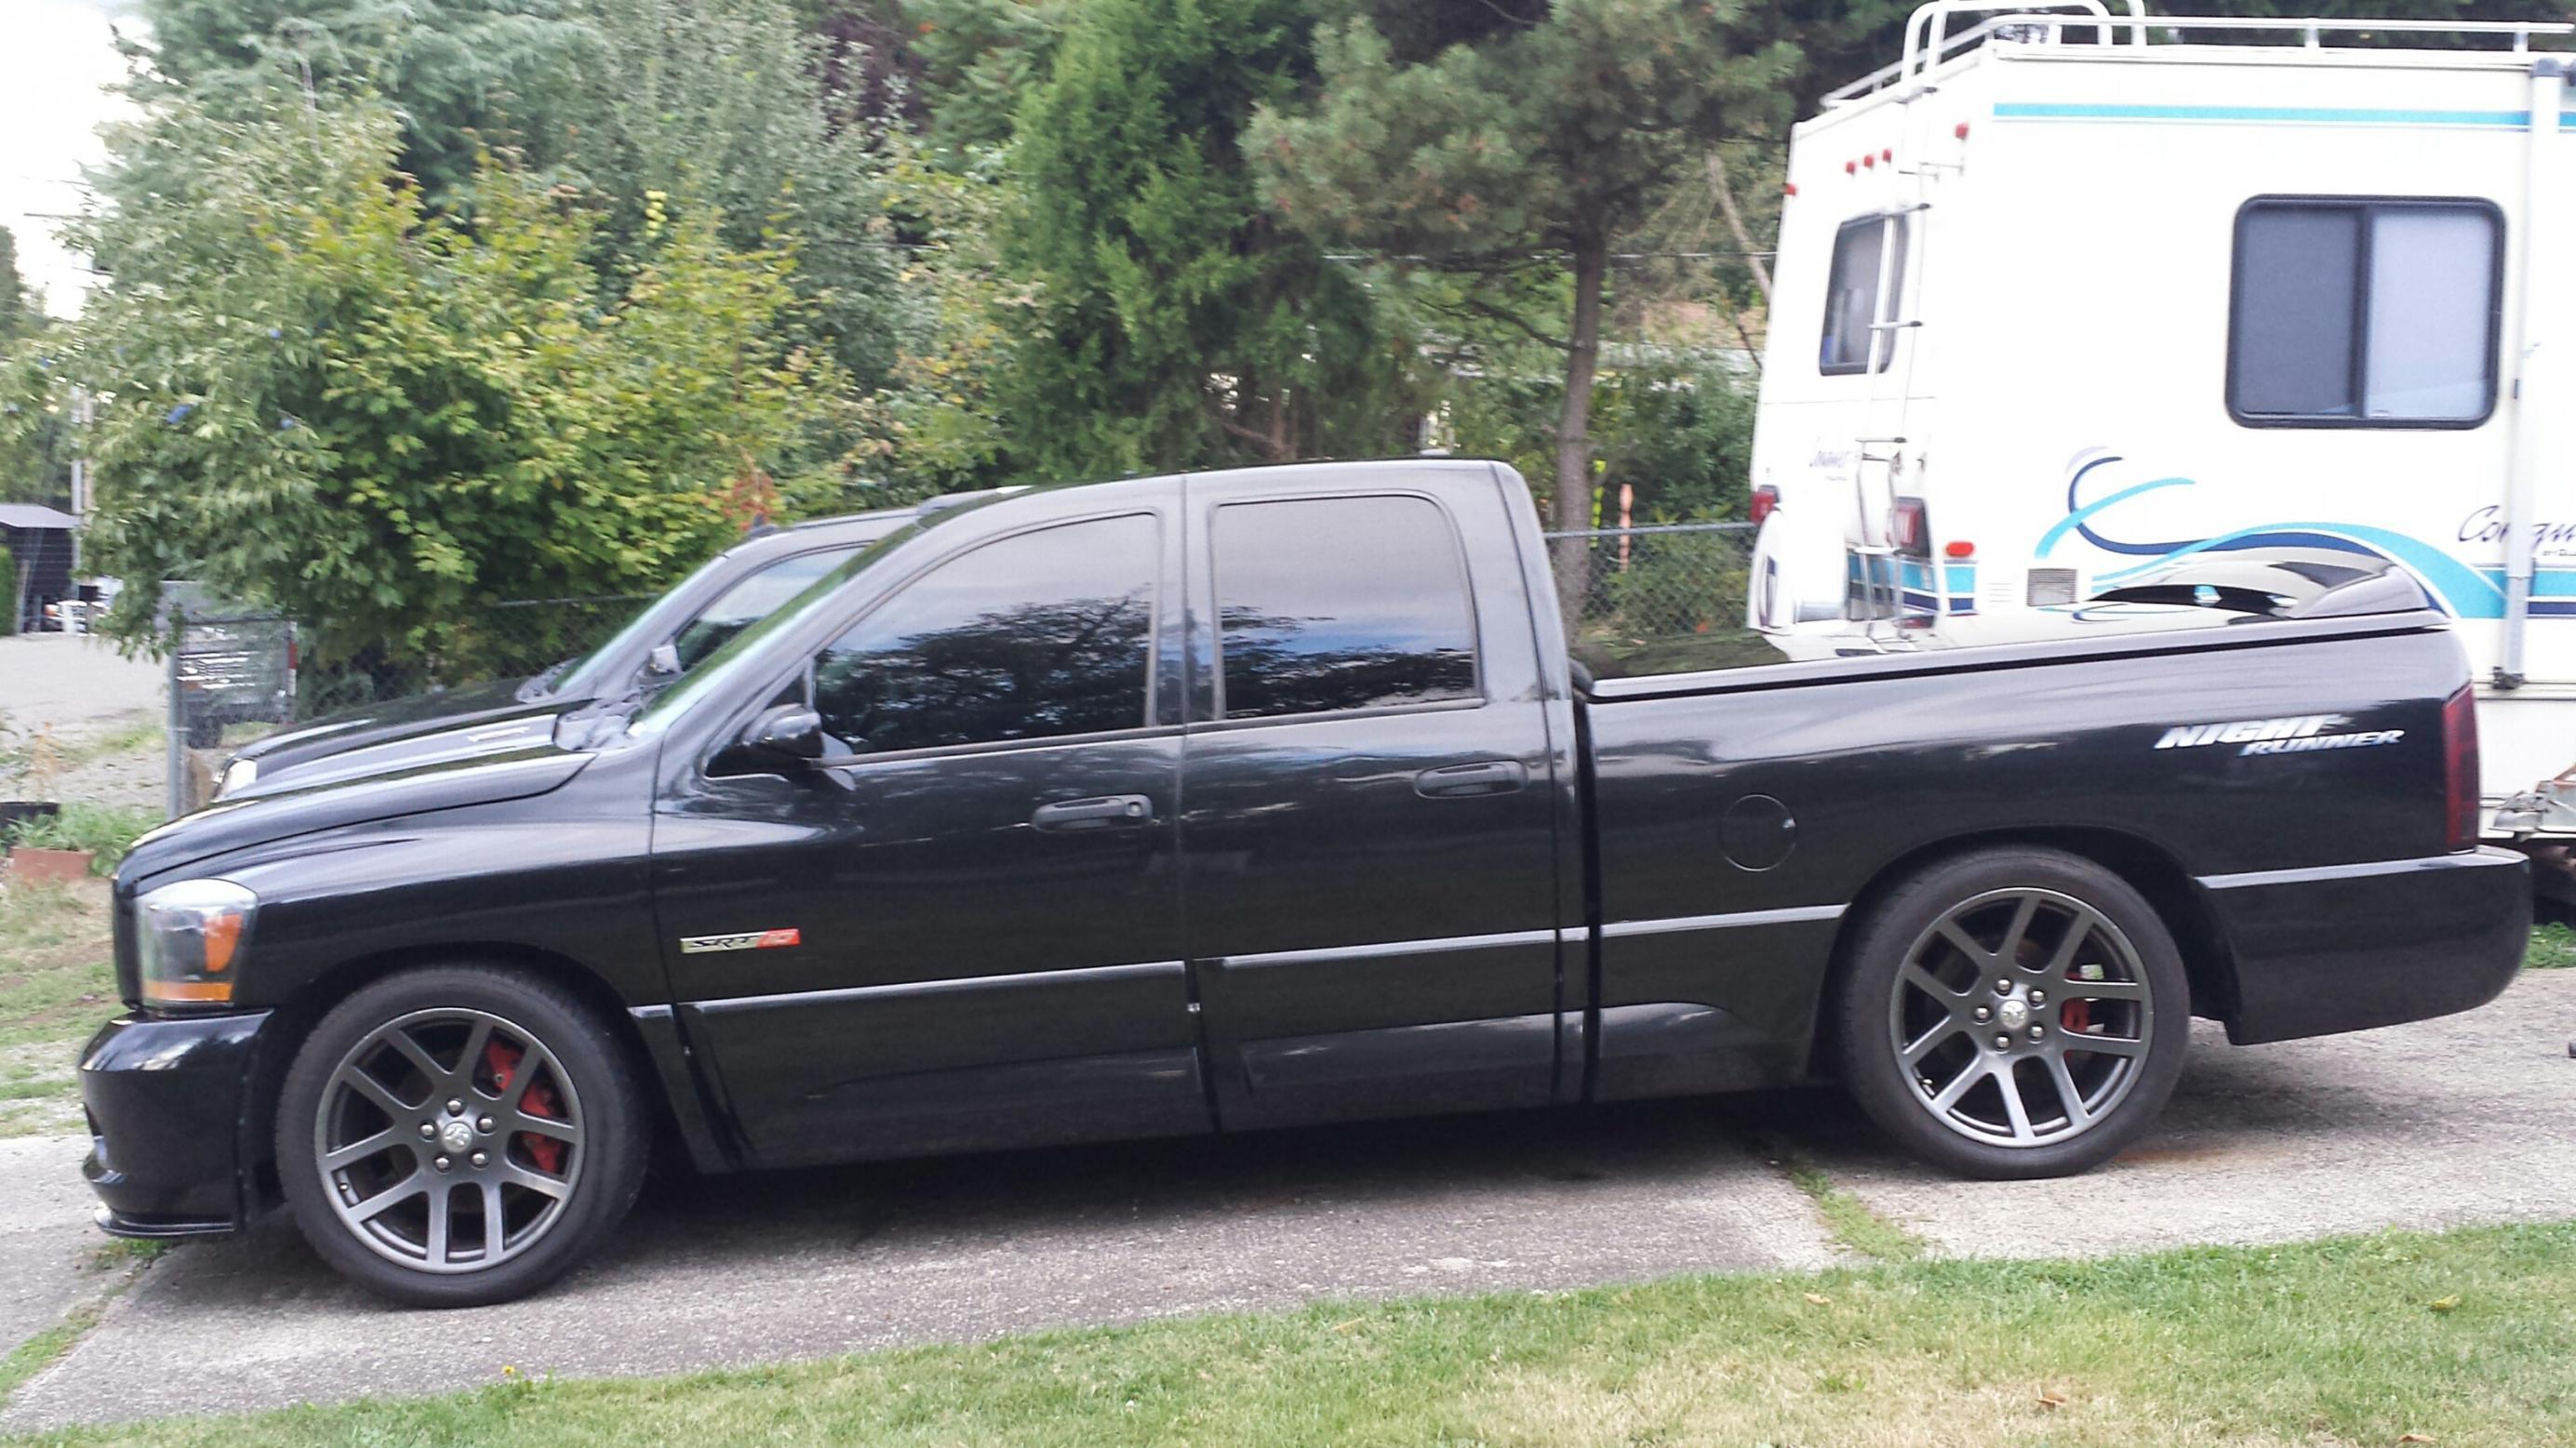 Worksheet. FOR SALE 2006 QC Night Runner 356 14000  Dodge Ram SRT10 Forum